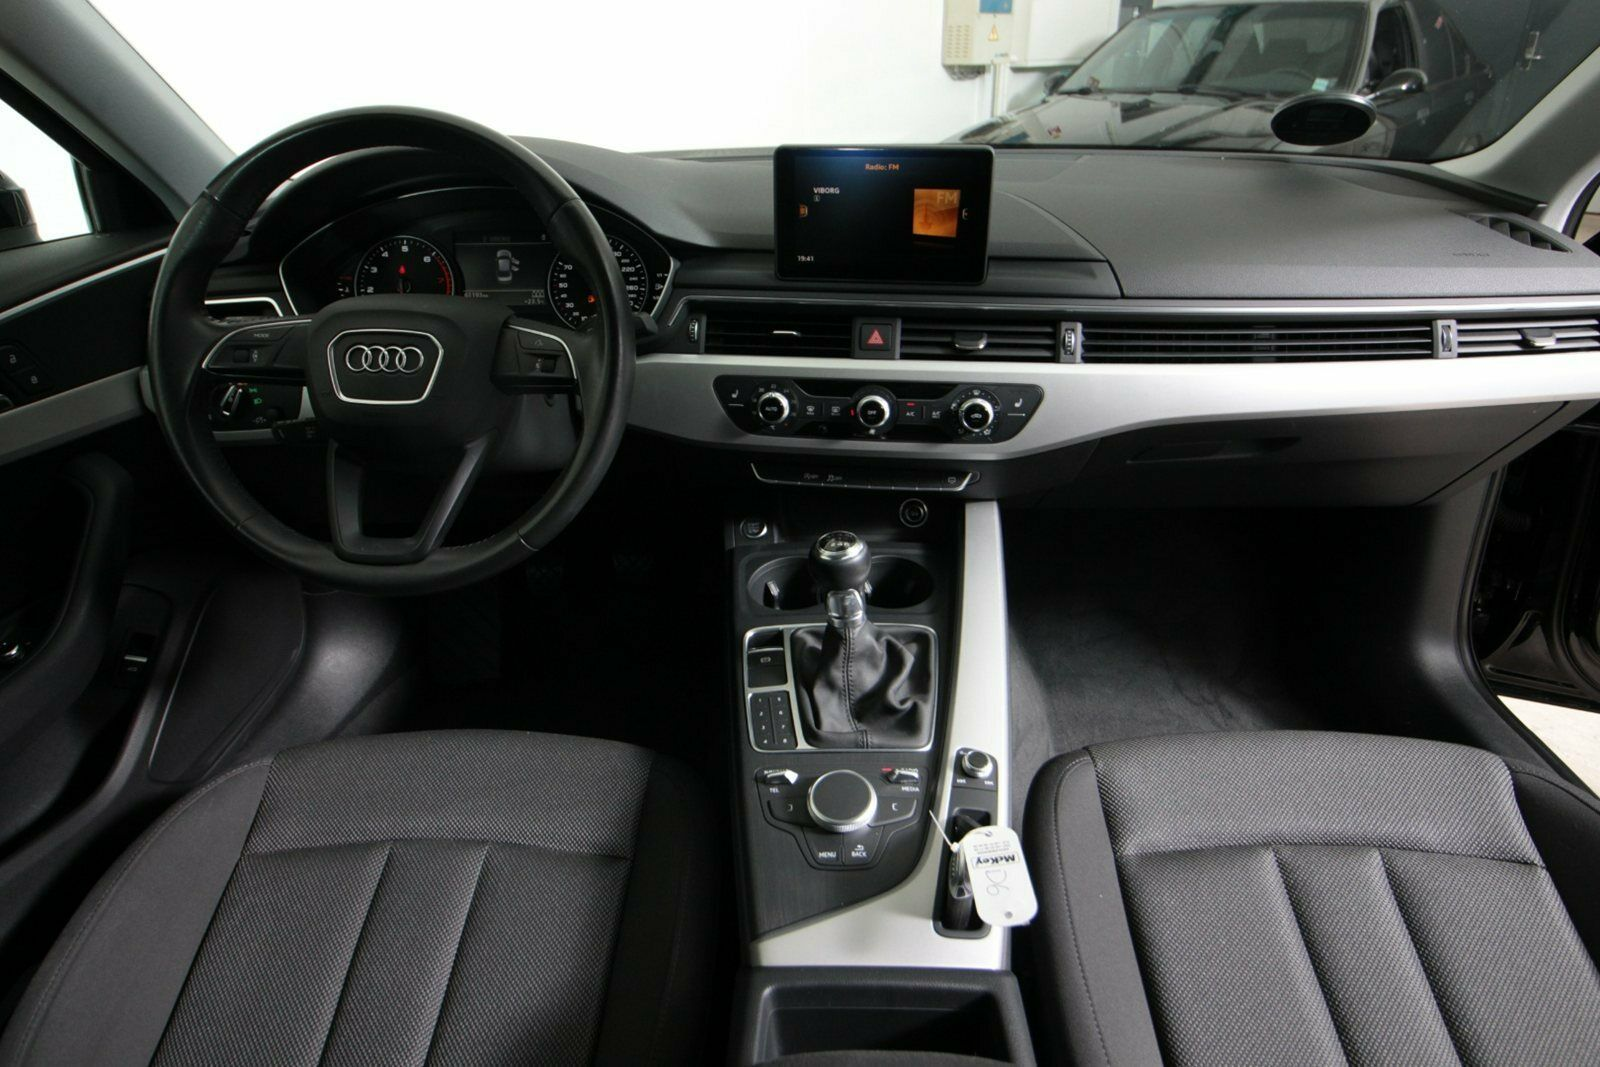 Audi A4 TFSi 150